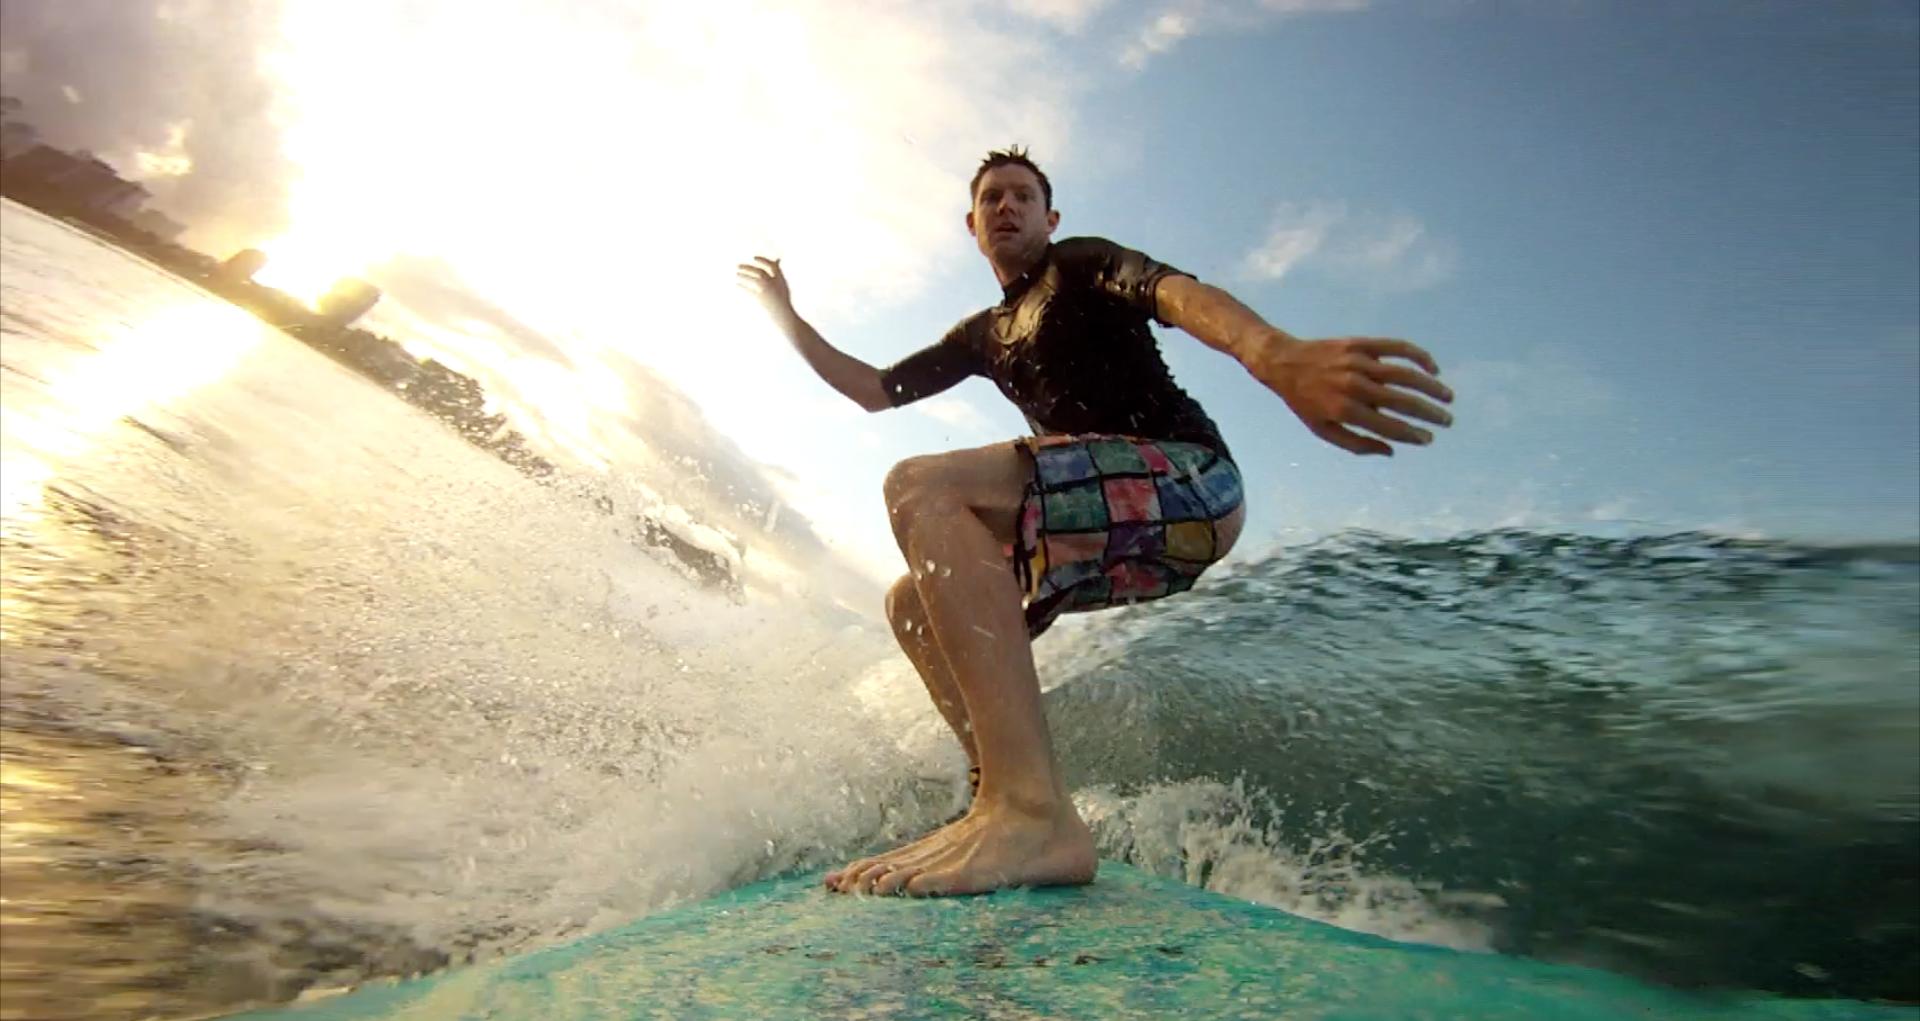 Surfer secret